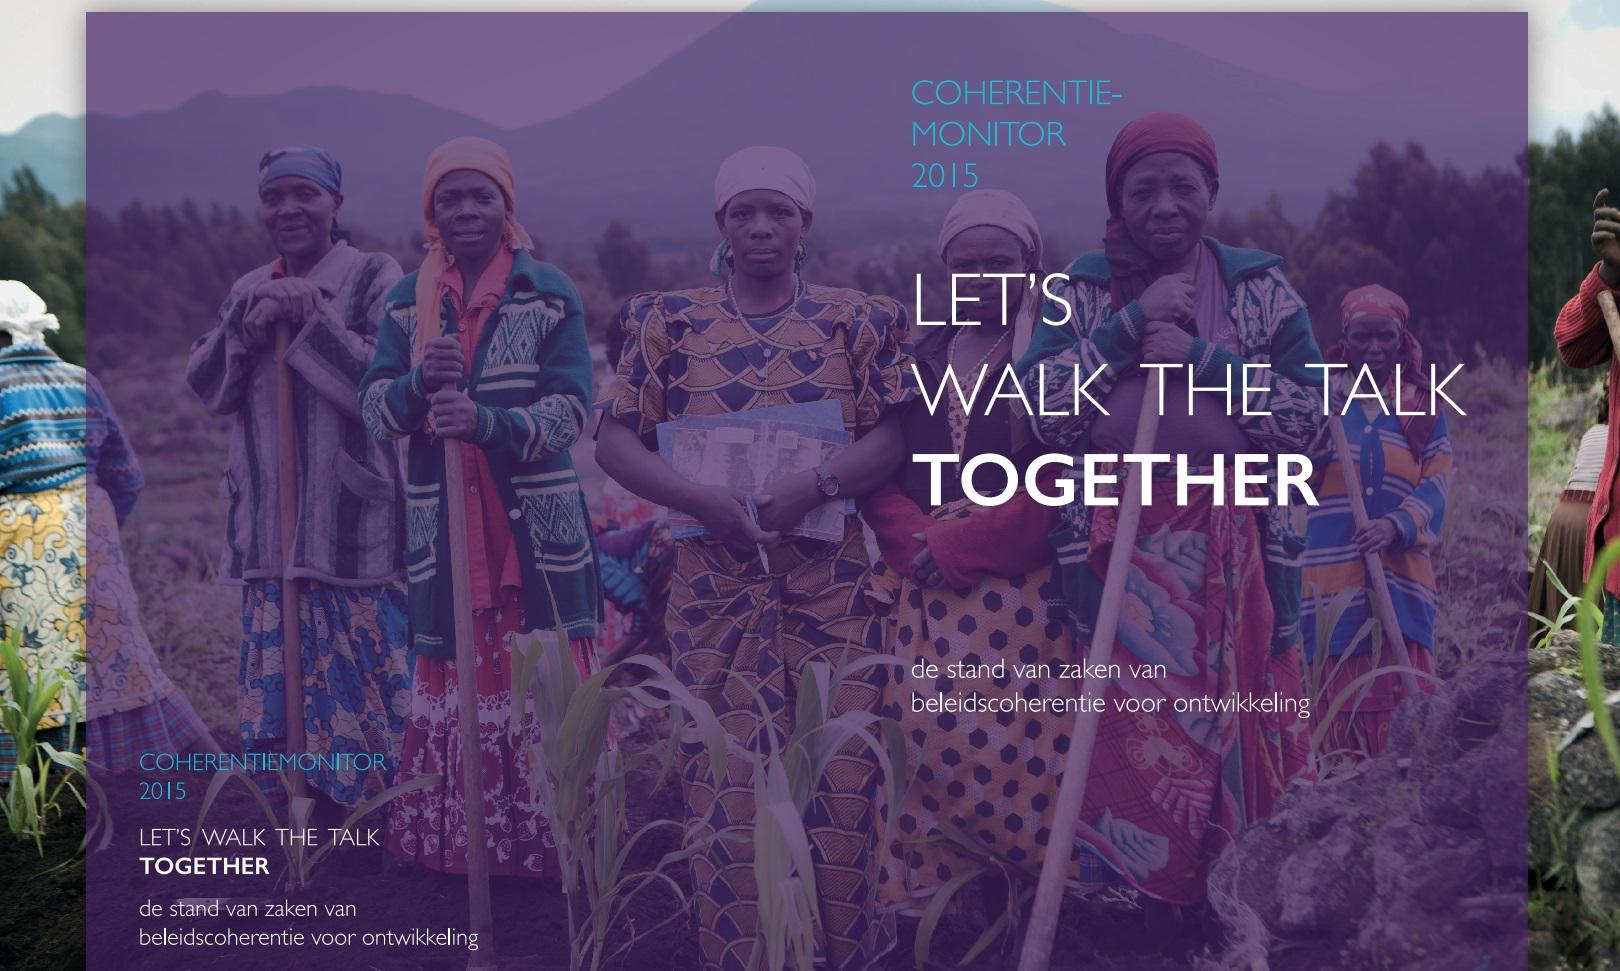 Partos rapport Let's Walk the Talk Together; de stand van zaken van beleidscoherentie voor ontwikkeling